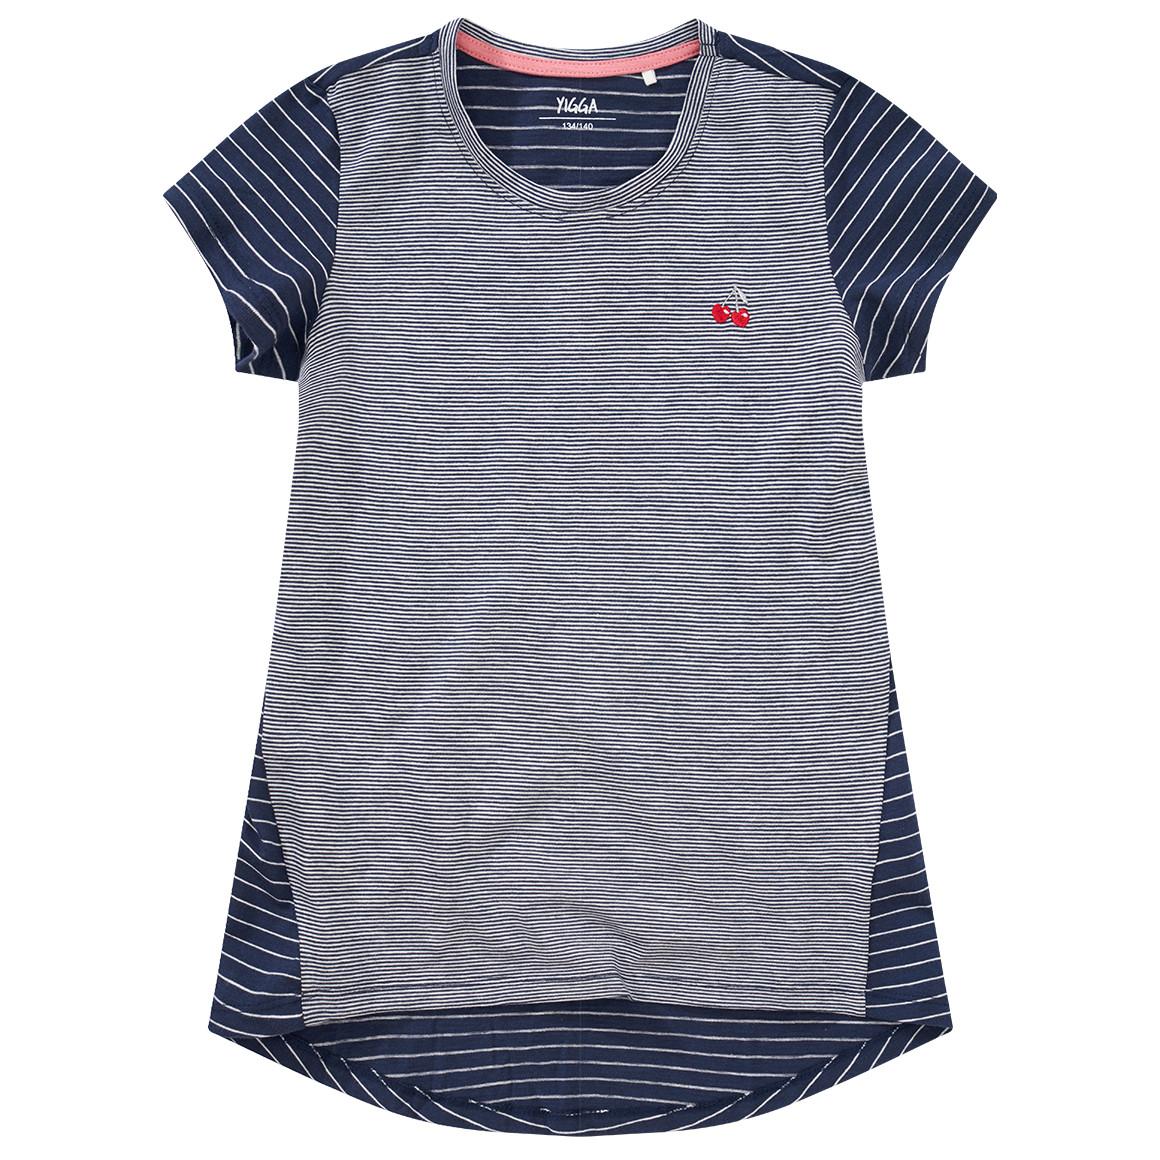 Girlsoberteile - Mädchen T-Shirt mit Kirsch Stickerei - Onlineshop Ernstings family